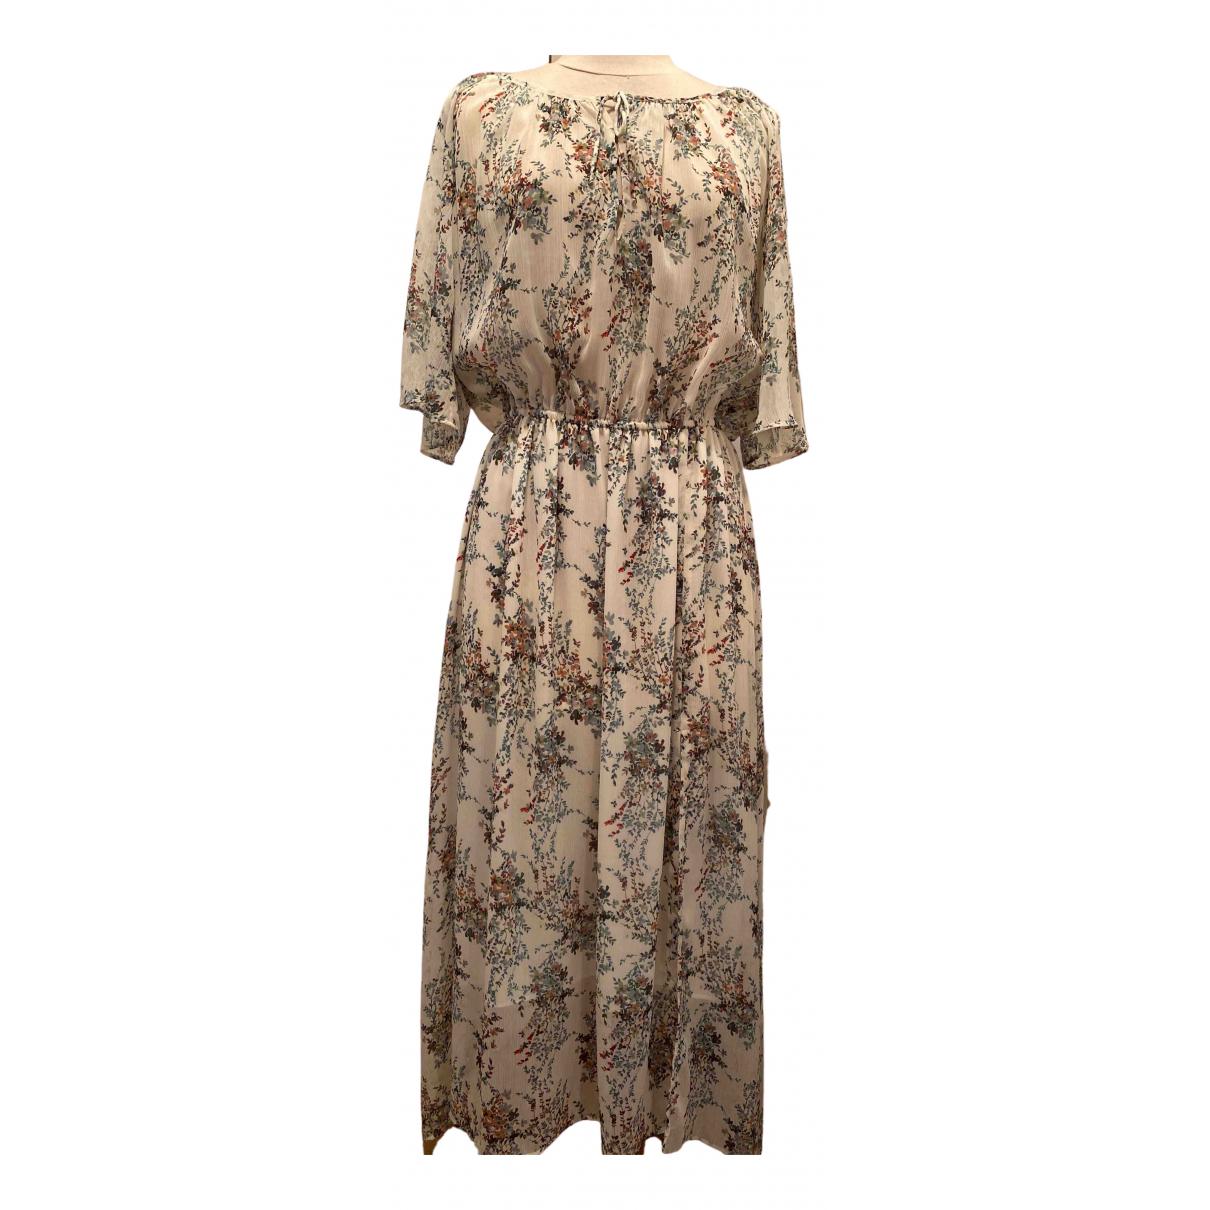 Ikks \N Khaki dress for Women 38 FR